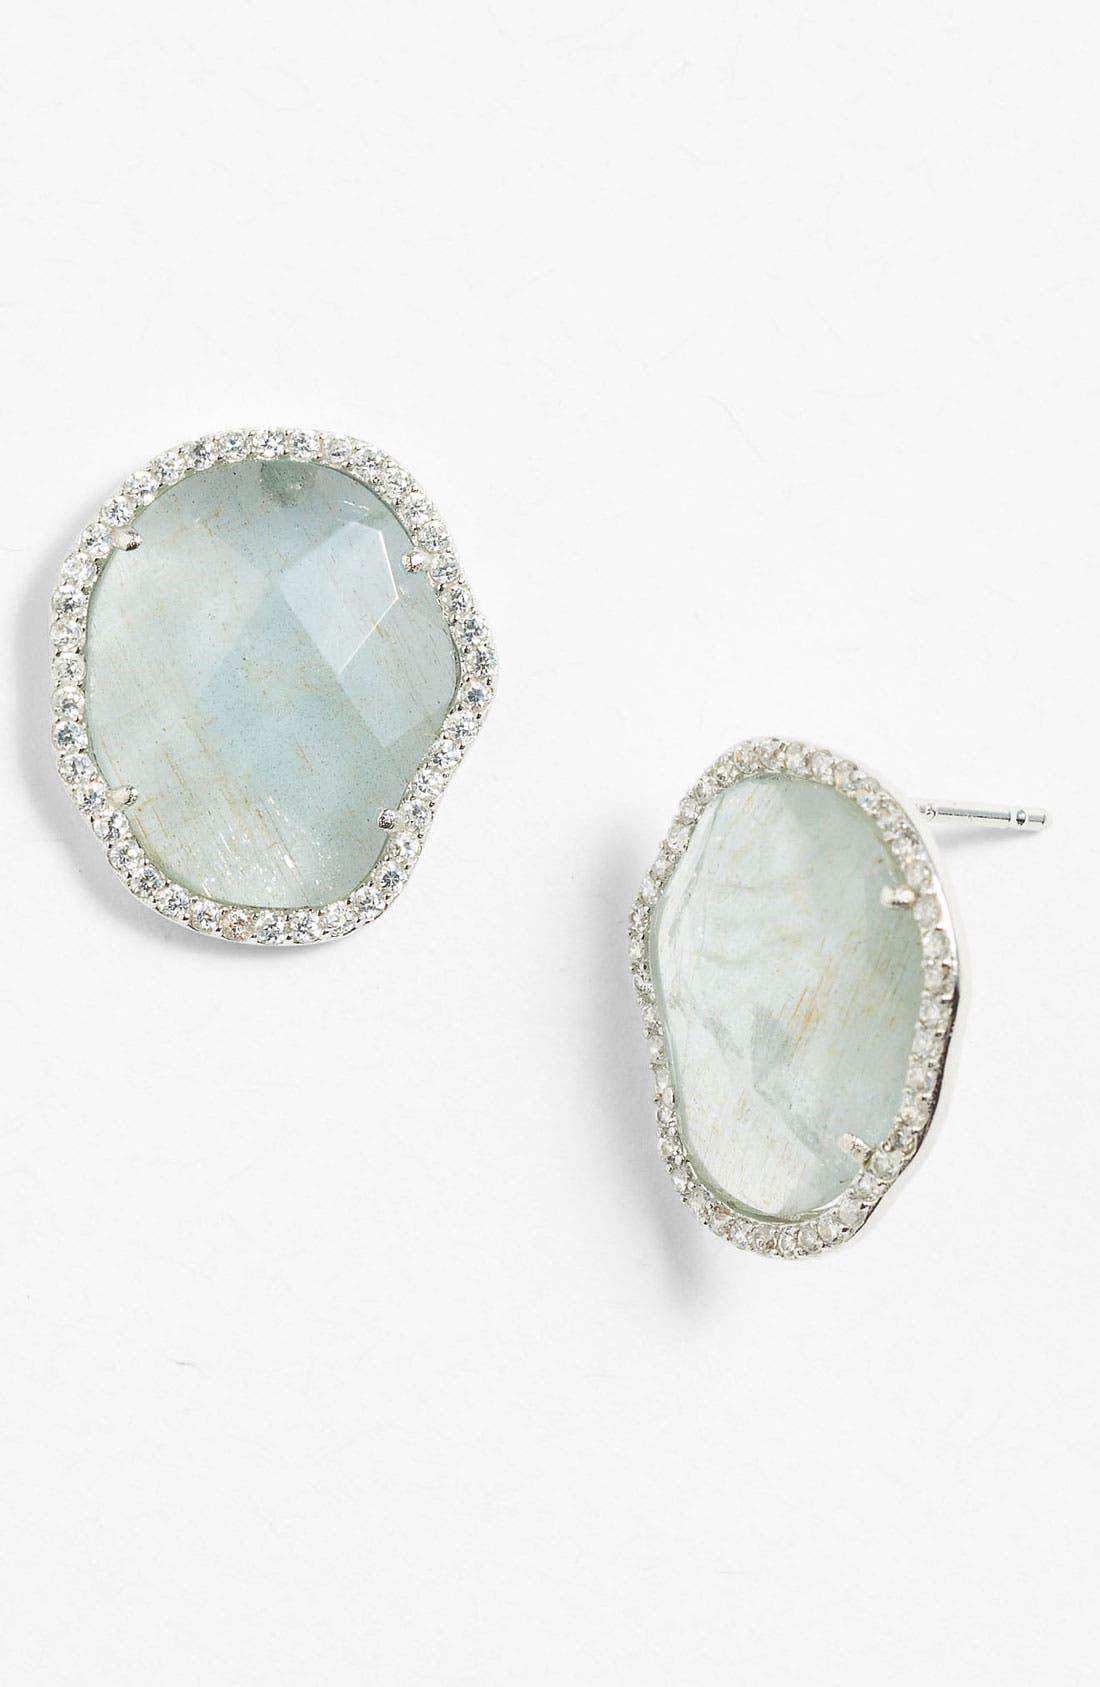 Main Image - Nadri Stud Earrings (Nordstrom Exclusive)